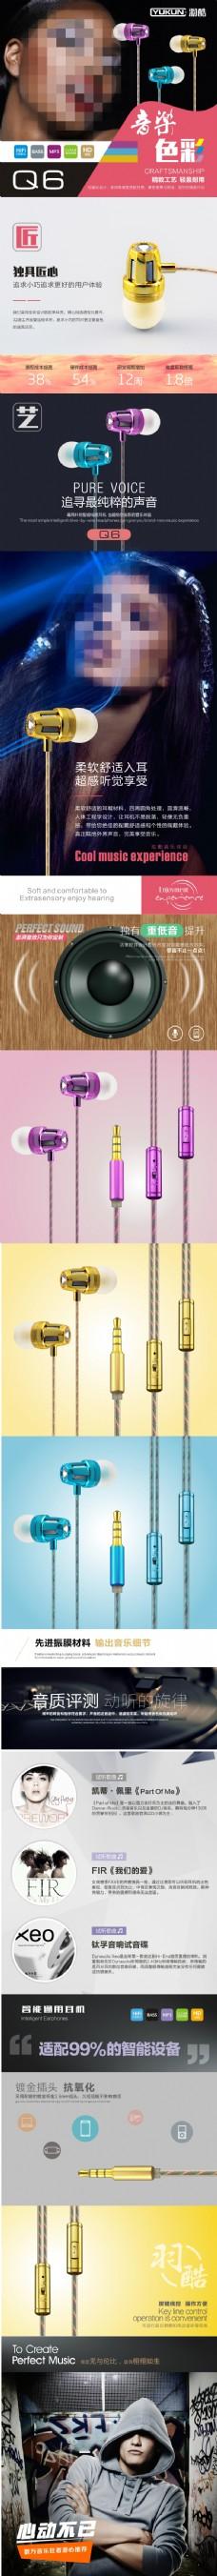 耳机淘宝详情图片